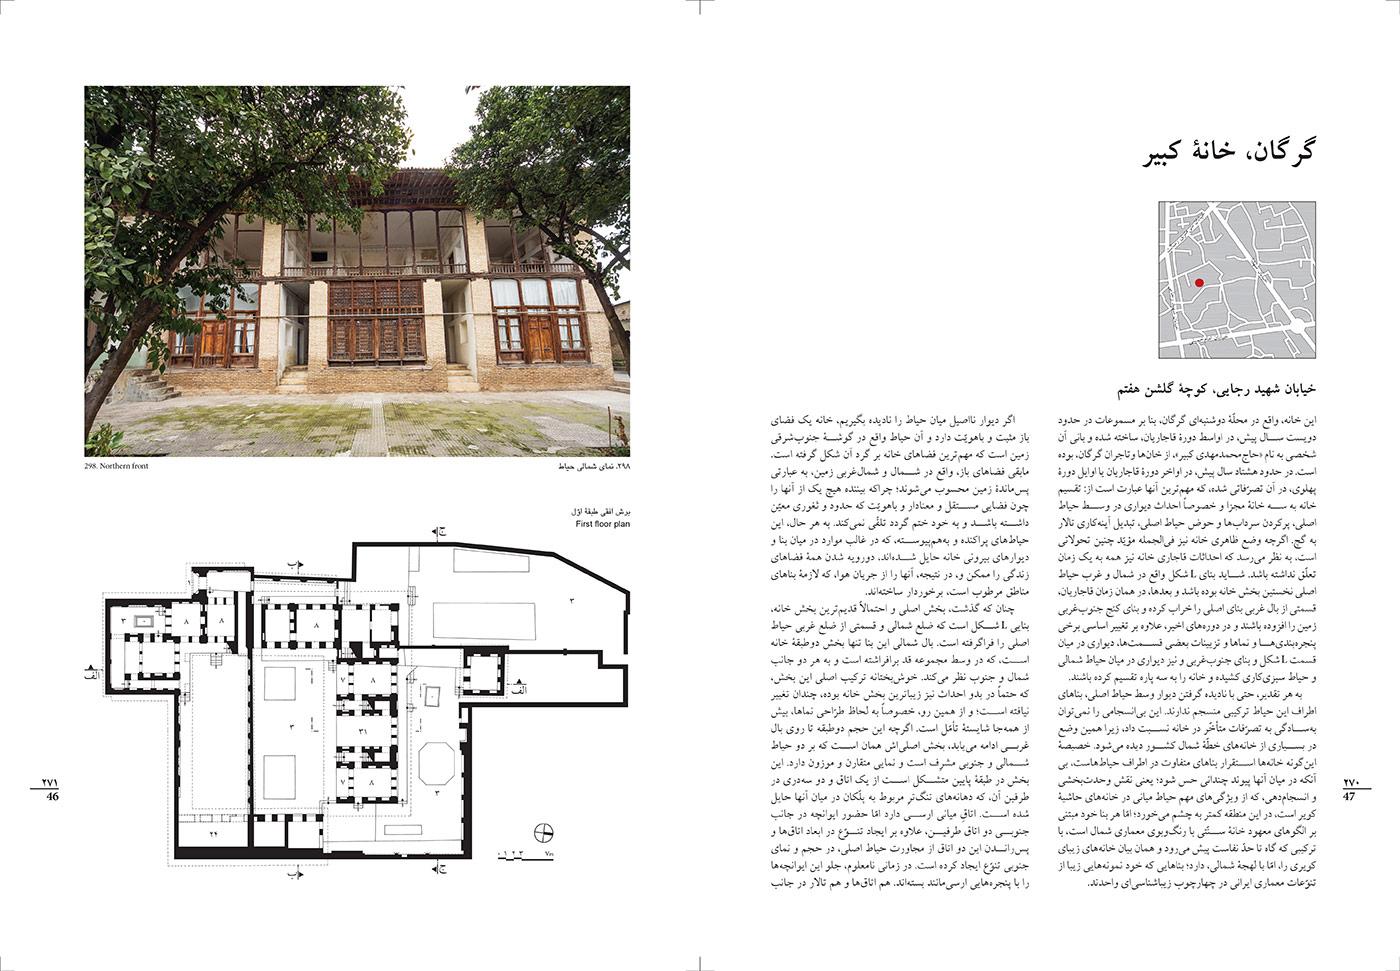 Book-Ganjnameh16-3-1.jpg